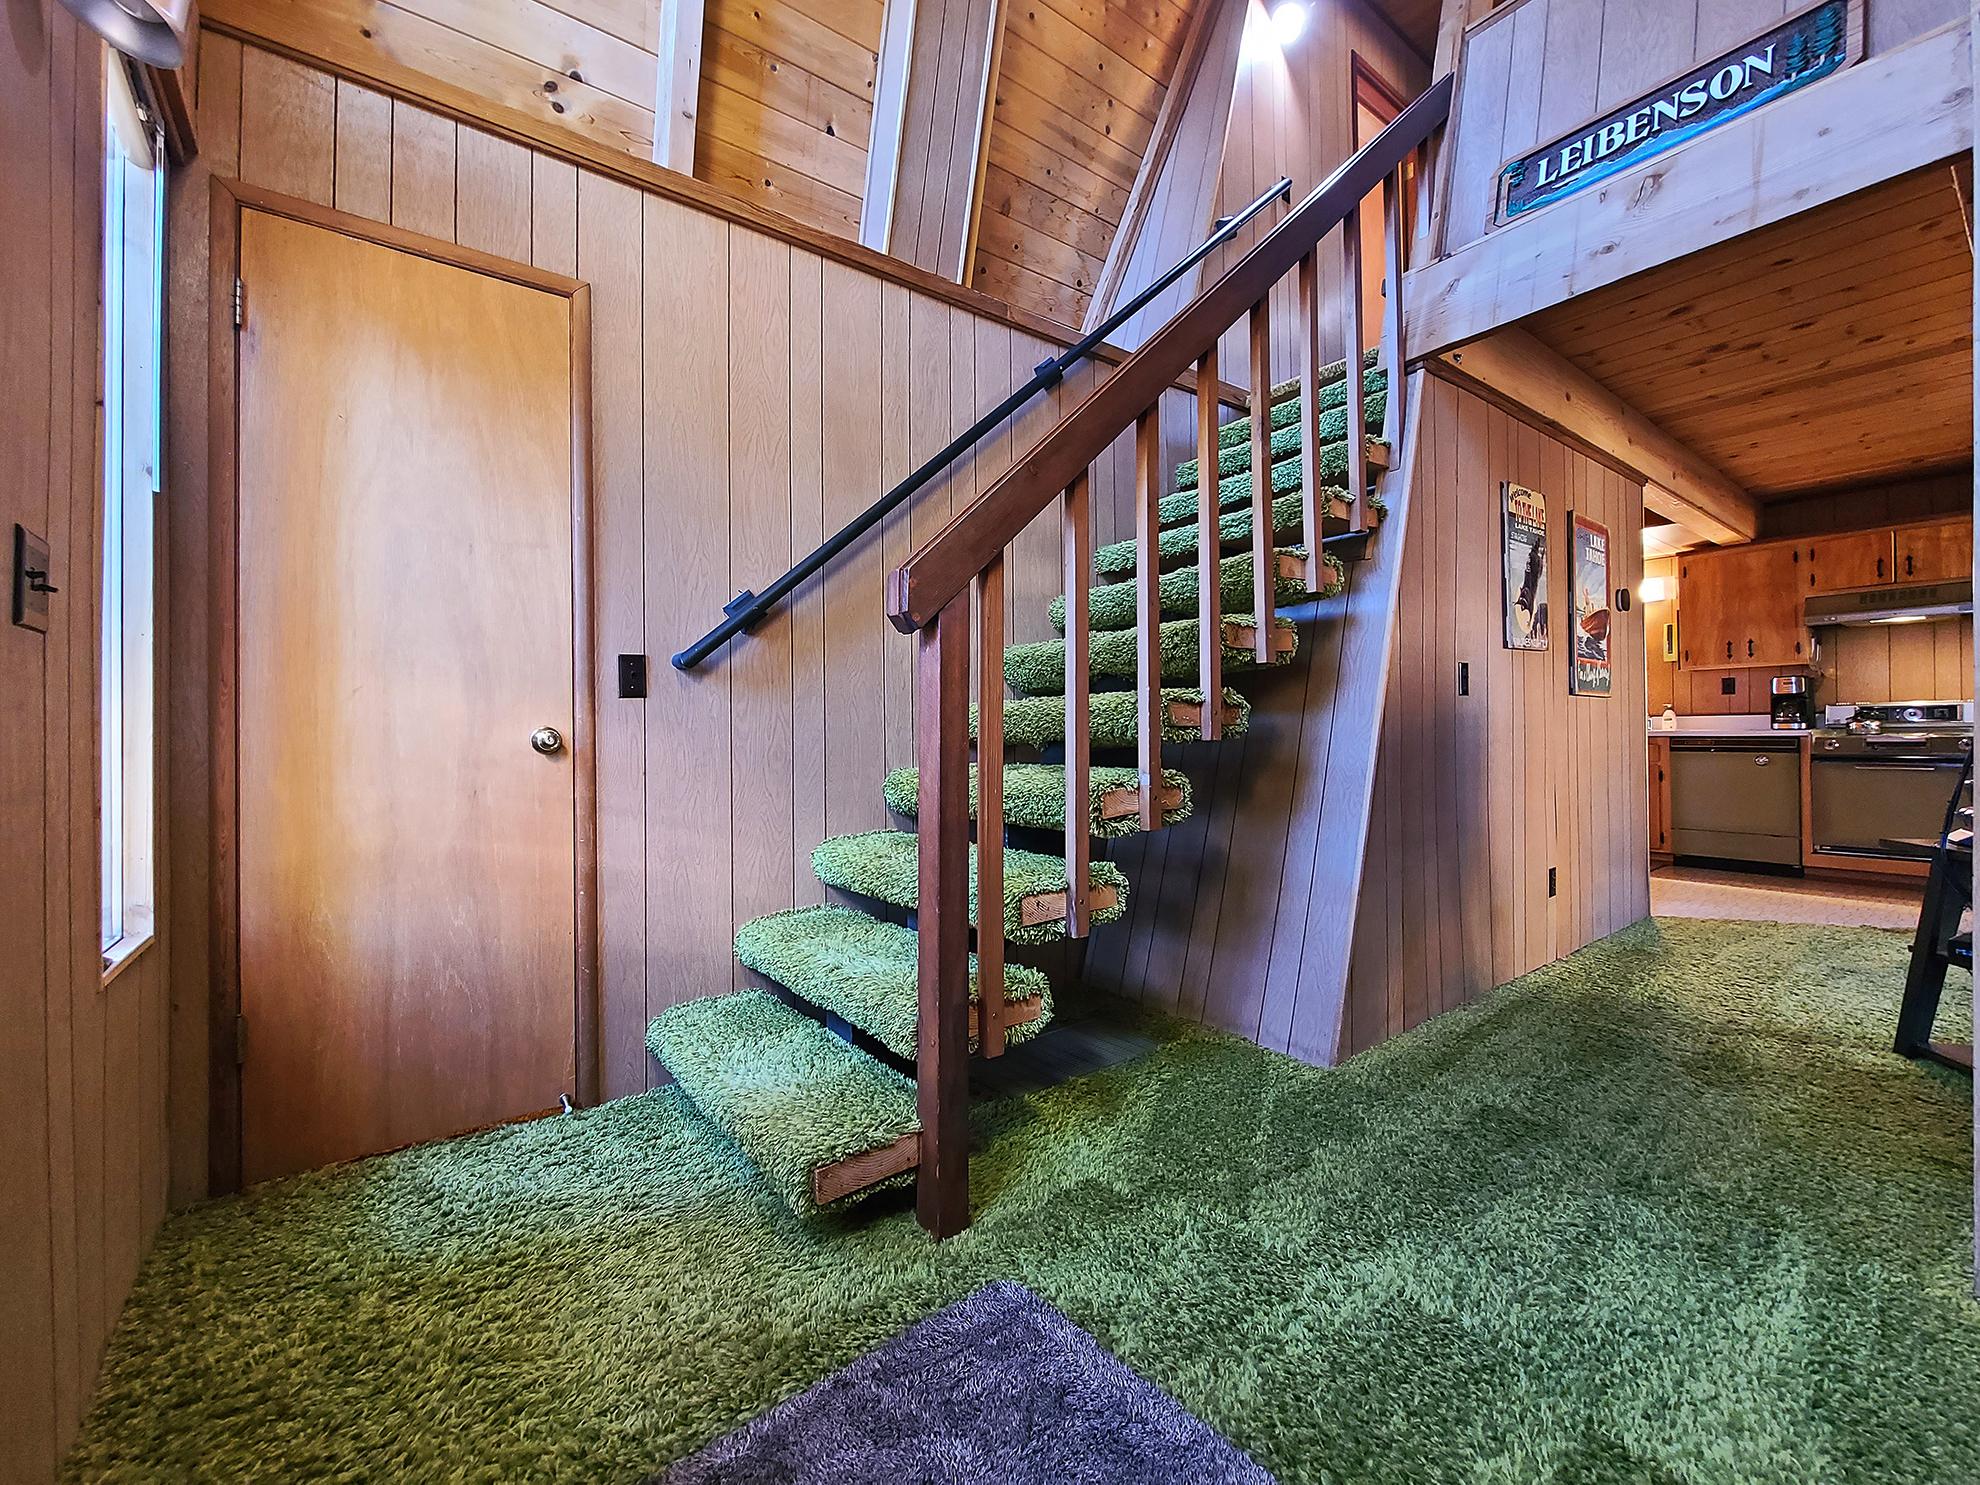 Listing Image 4 for Leibenson House